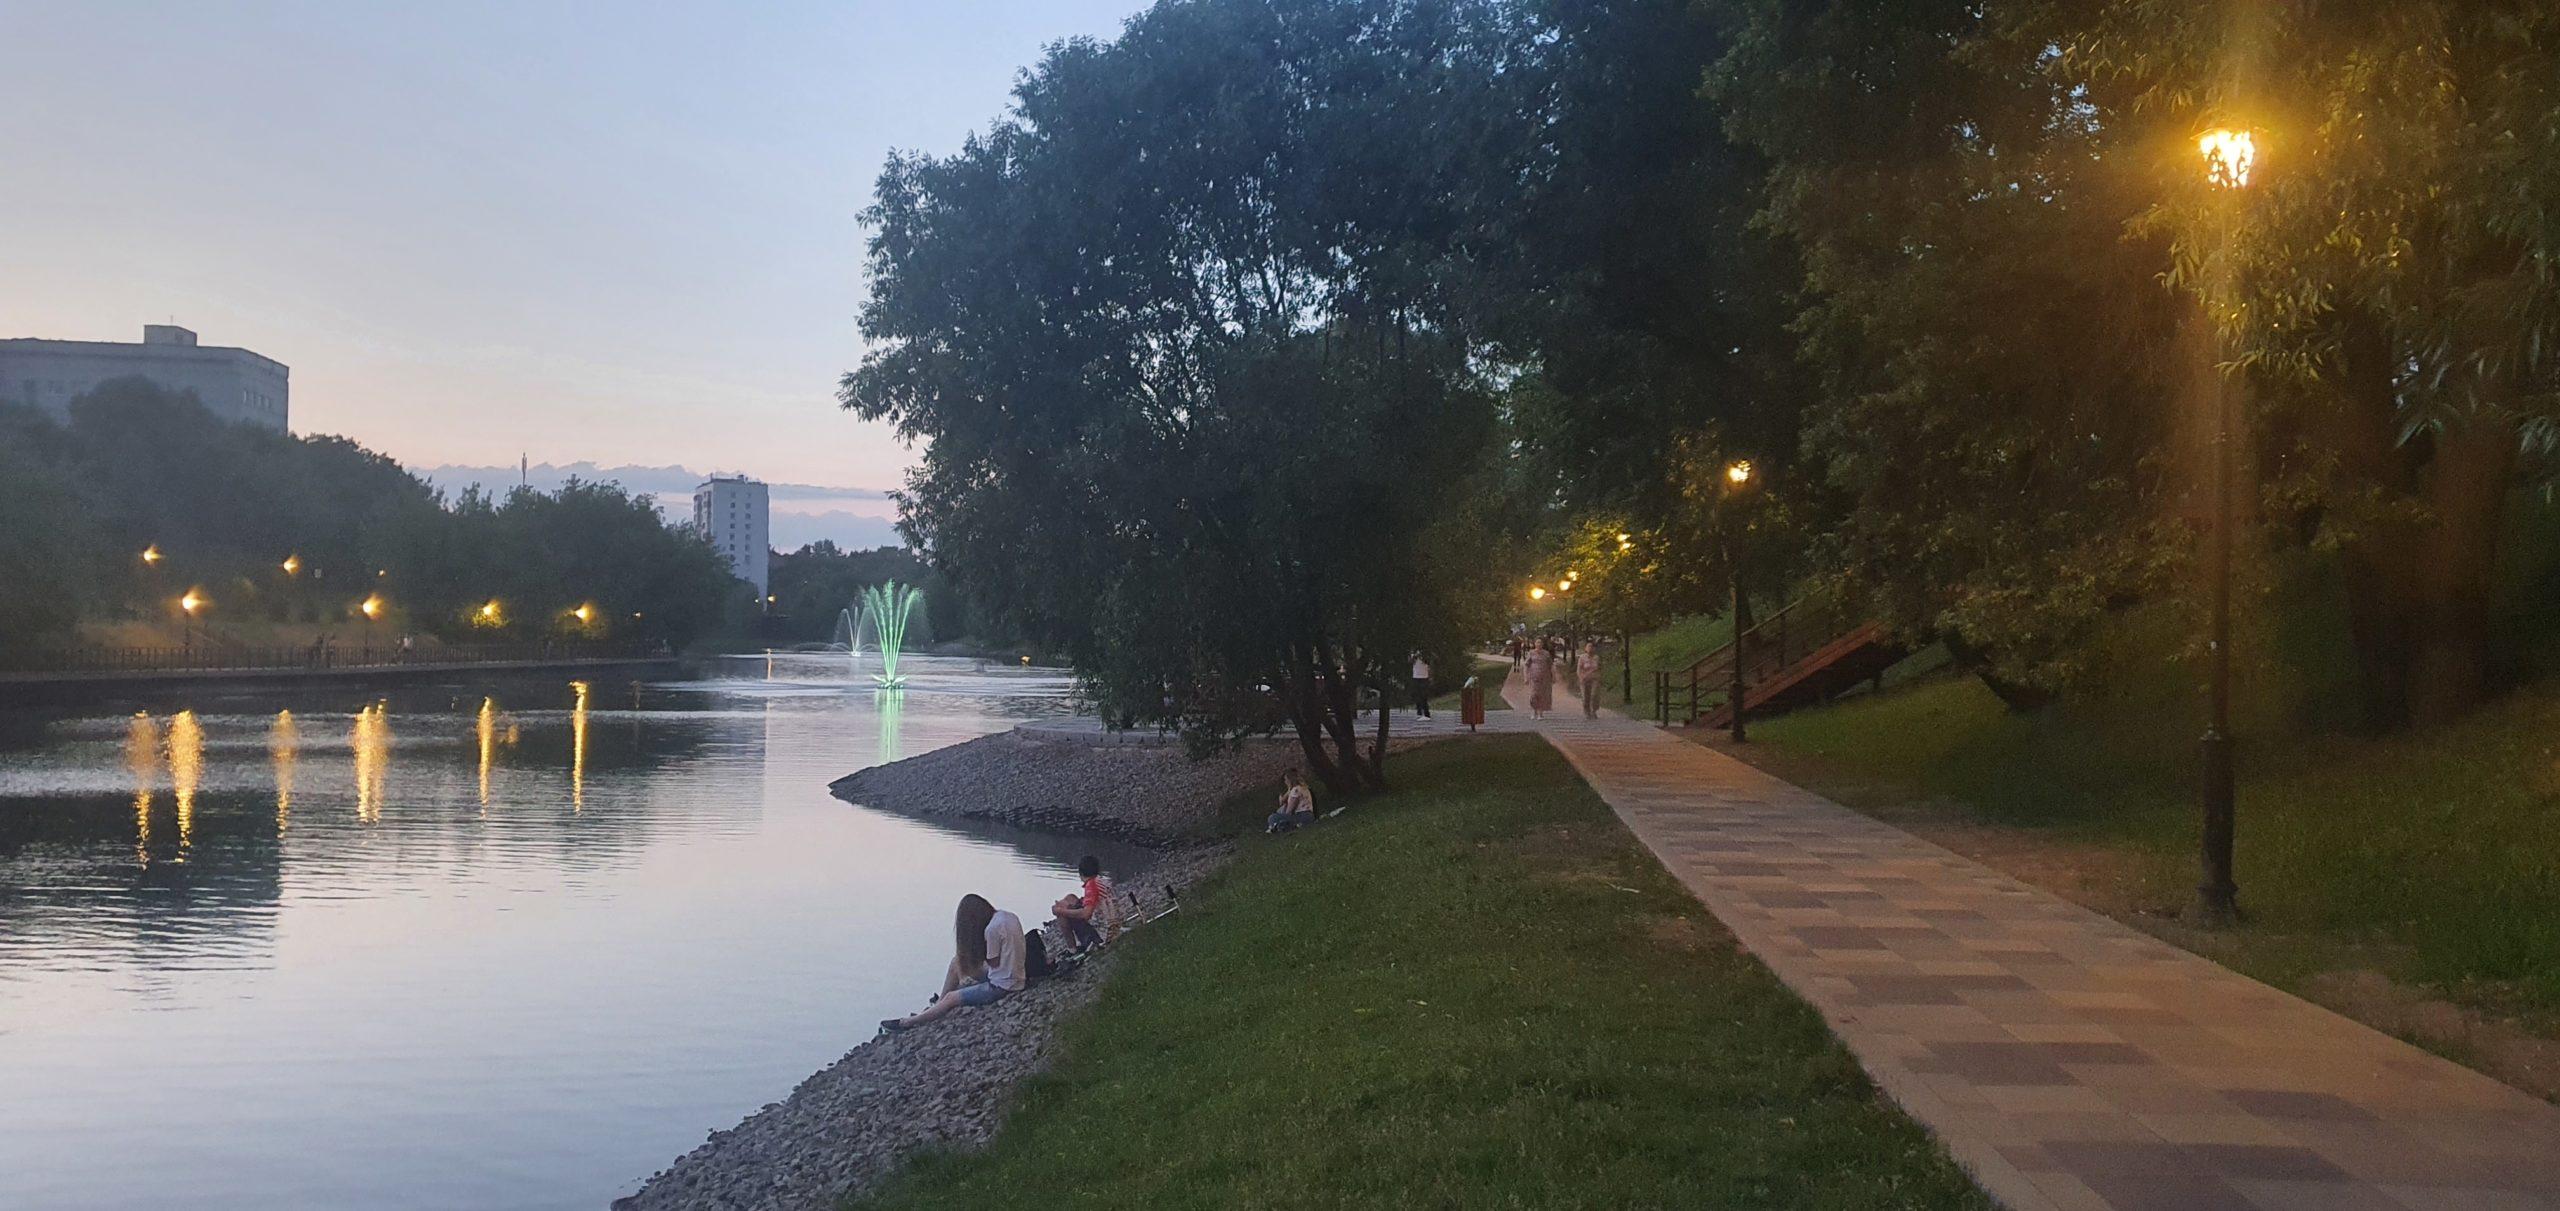 Черкизовский пруд, фонтаны